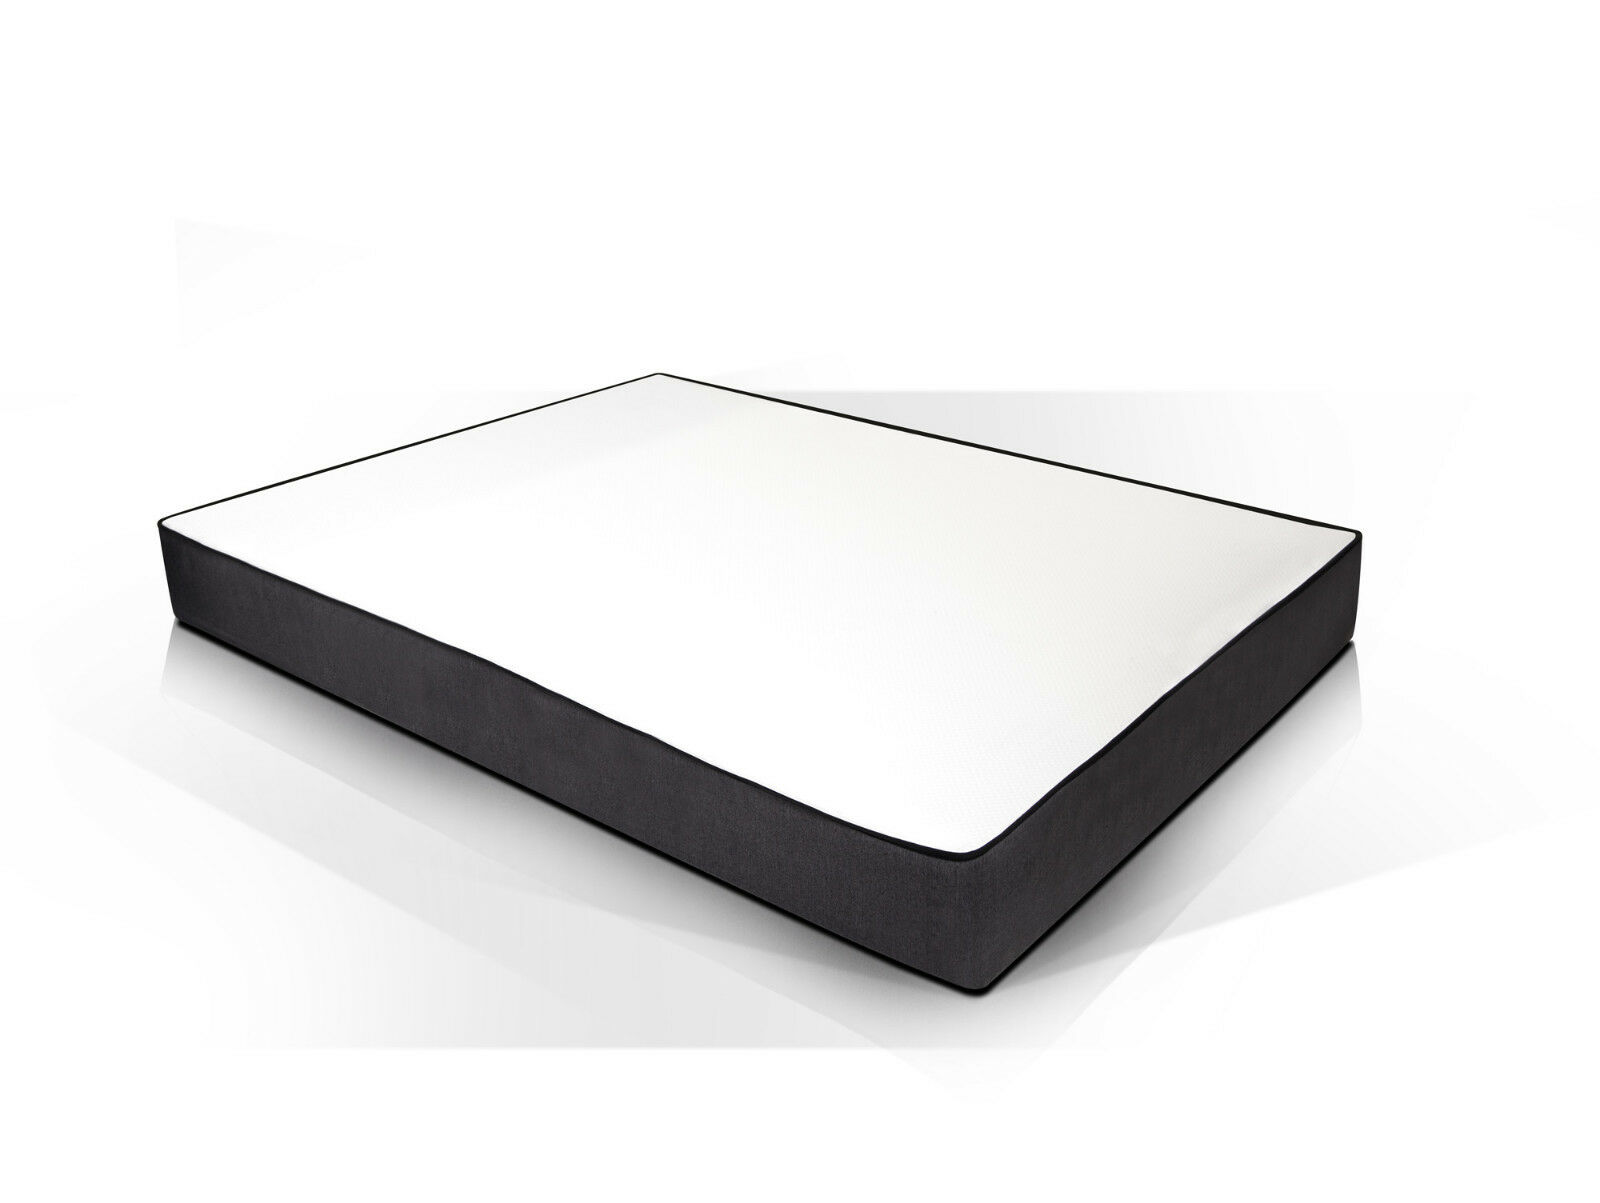 MOODY Matratze mit Memory-Schaum passend für ALLE Gewichtsklassen 160x200 cm